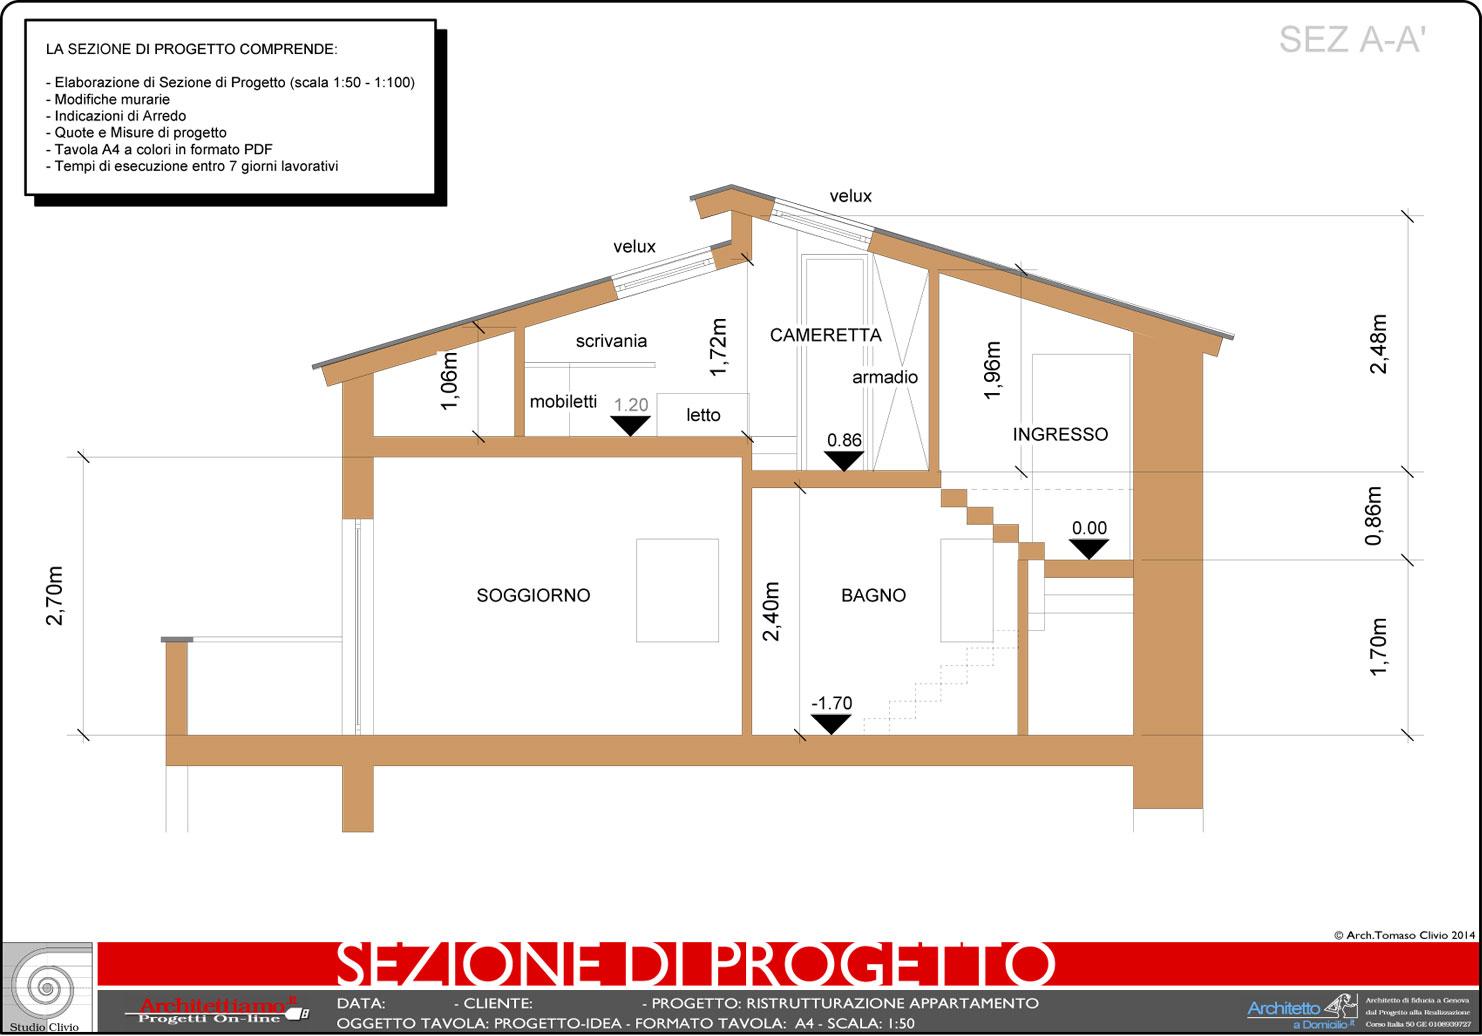 Esempi di Disegni e Progetti di Ristrutturazione - Architettiamo Progetti OnLine